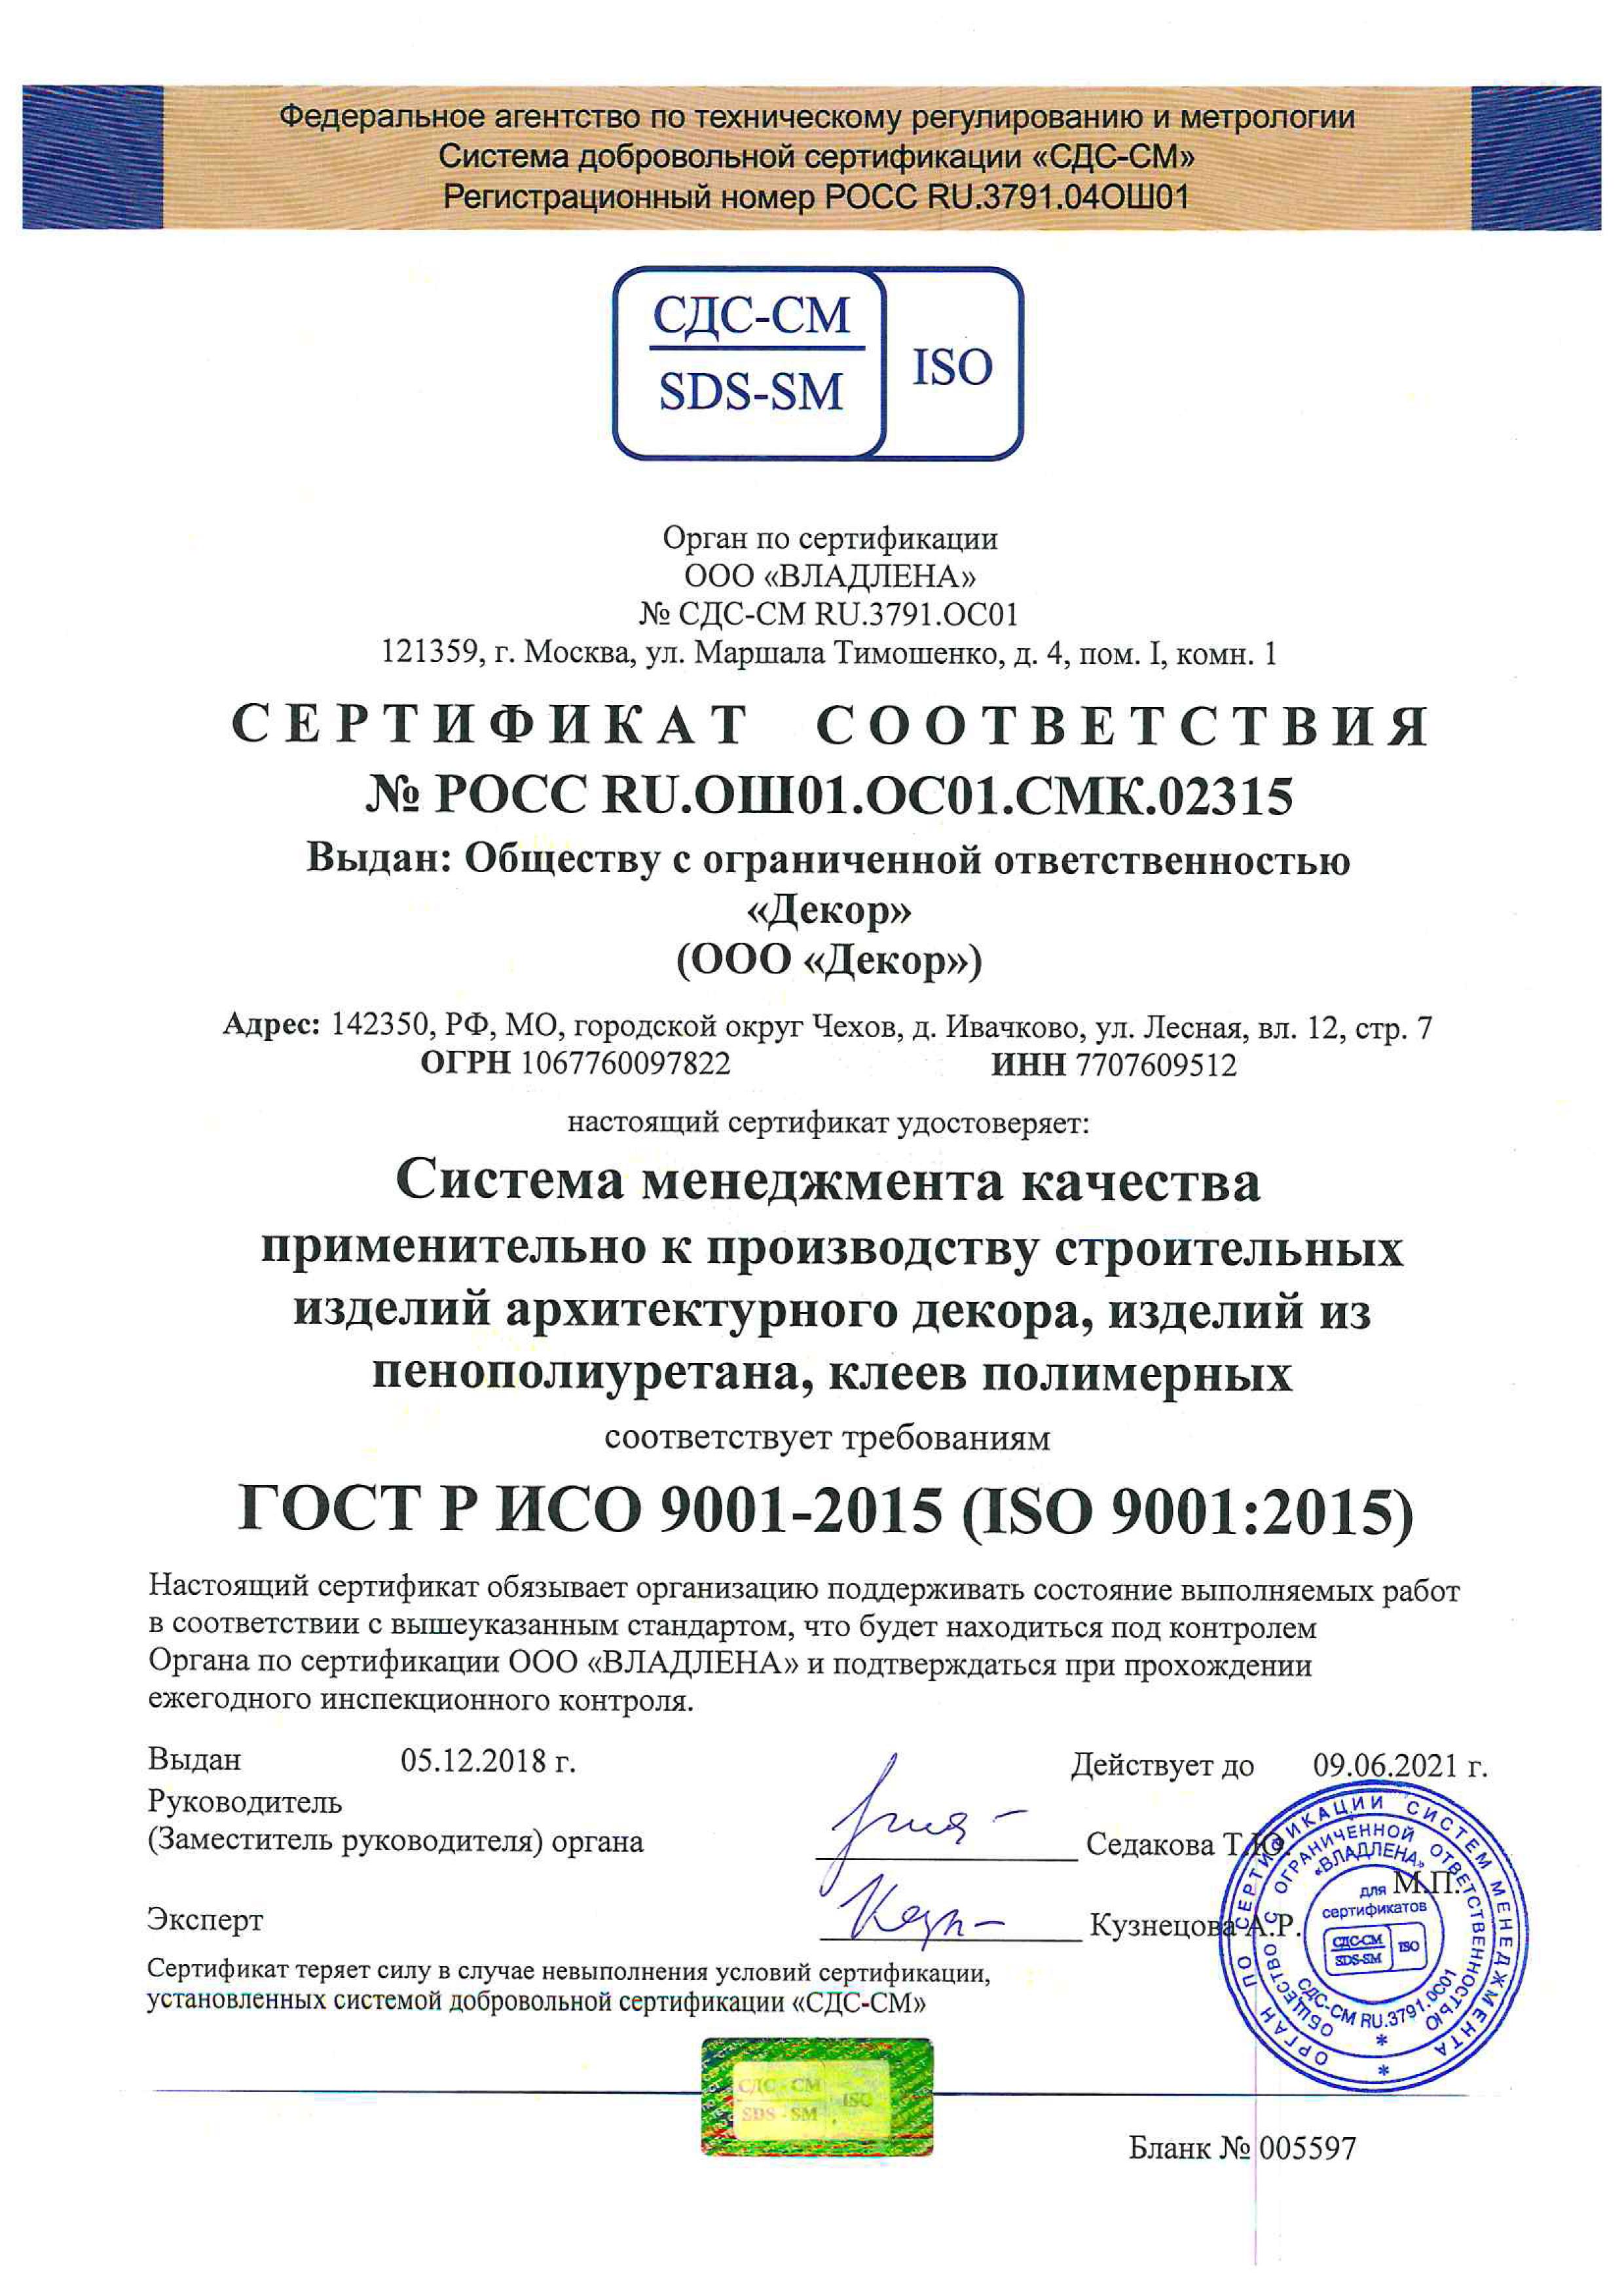 Свидетельство о гос. регистрации. Продукция: клеи полимерные